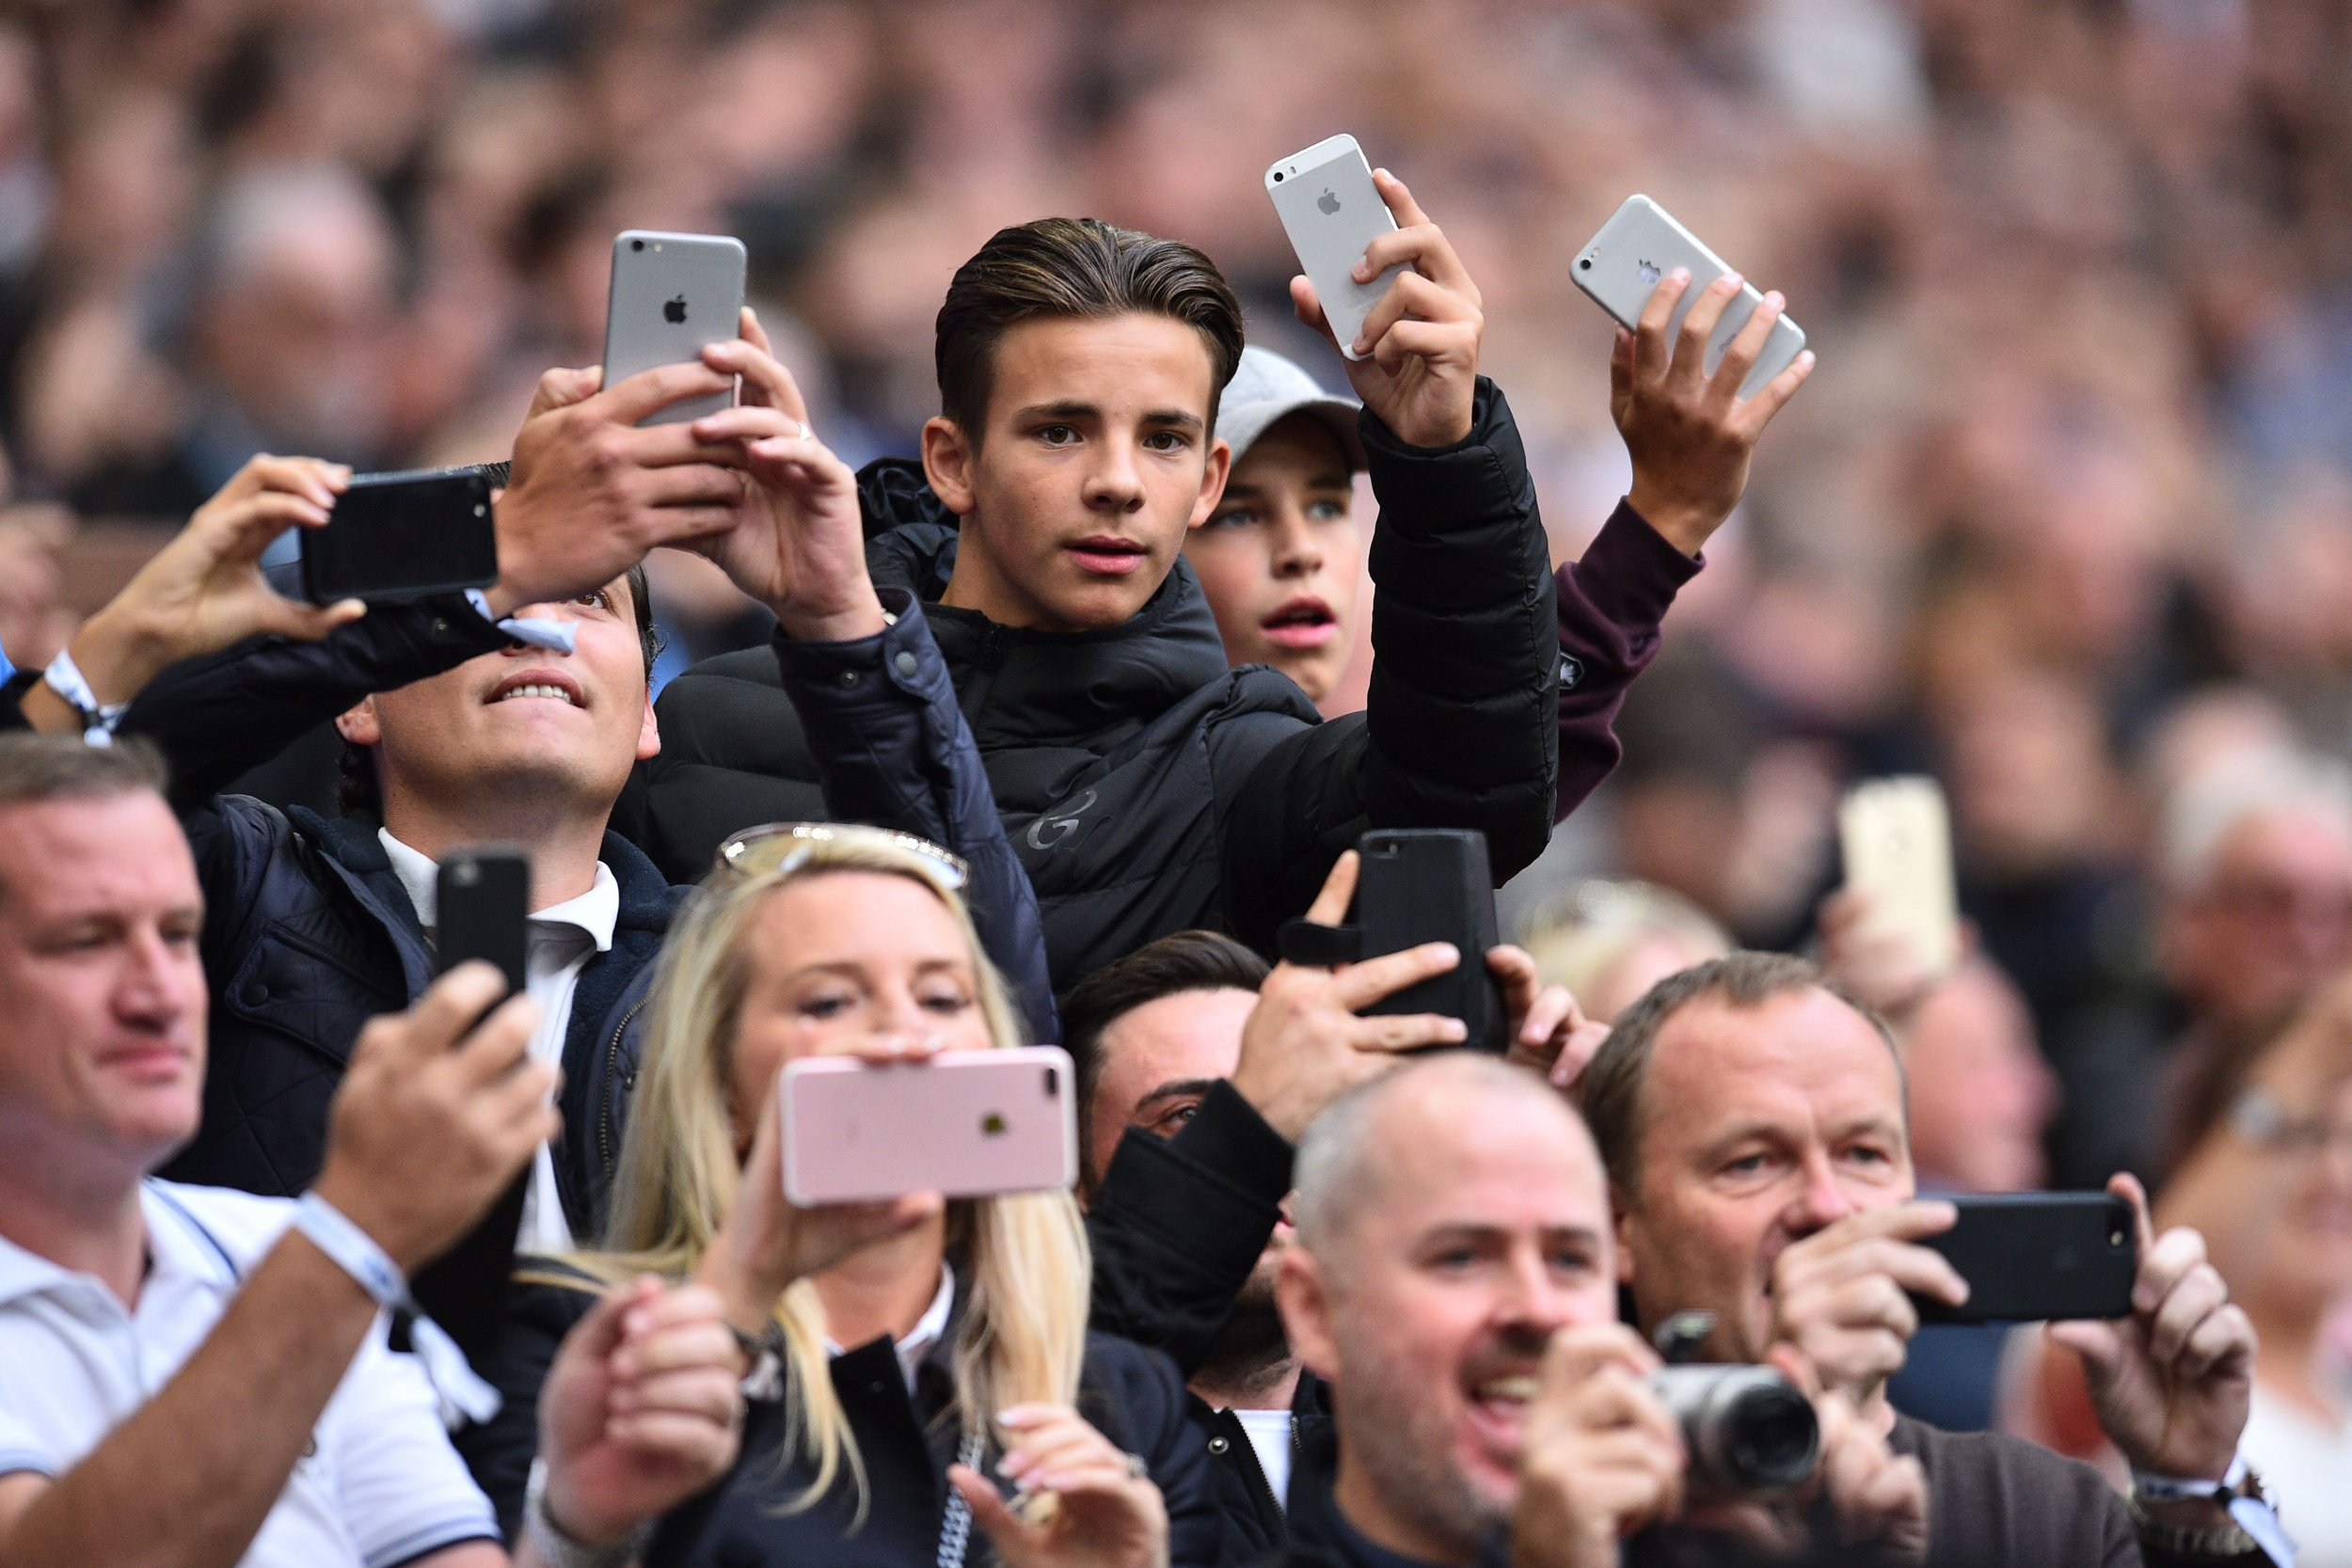 fans phones